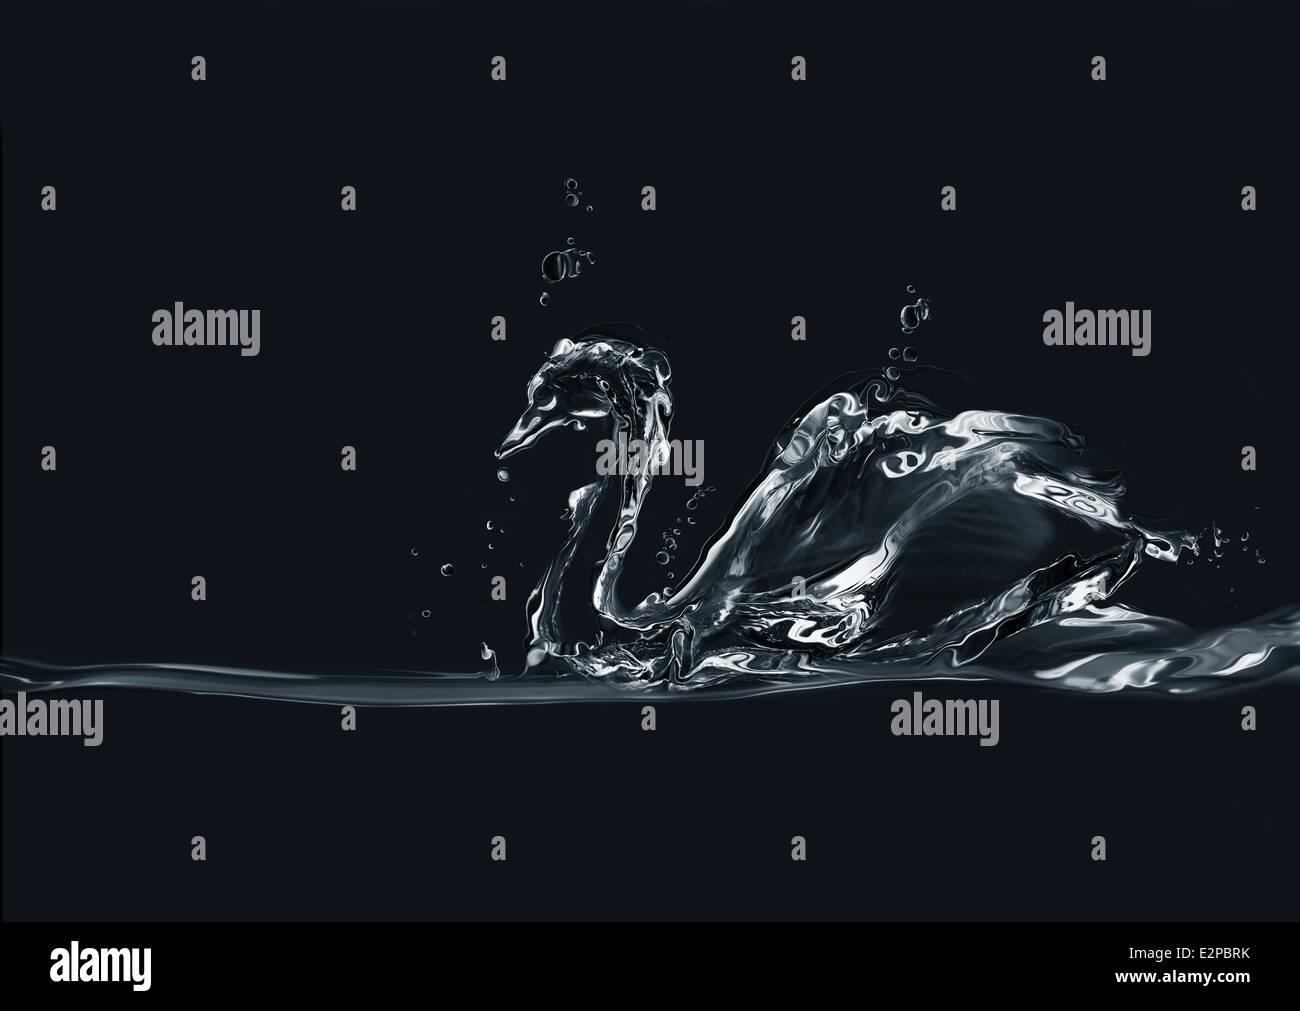 La silhouette d'un cygne fait d'eau sur fond noir. Photo Stock